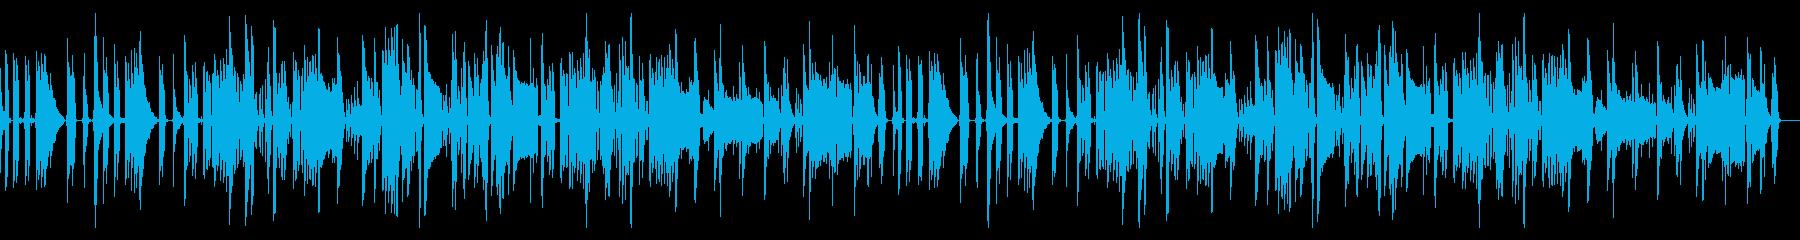 コミカルでけだるいスローな楽曲の再生済みの波形